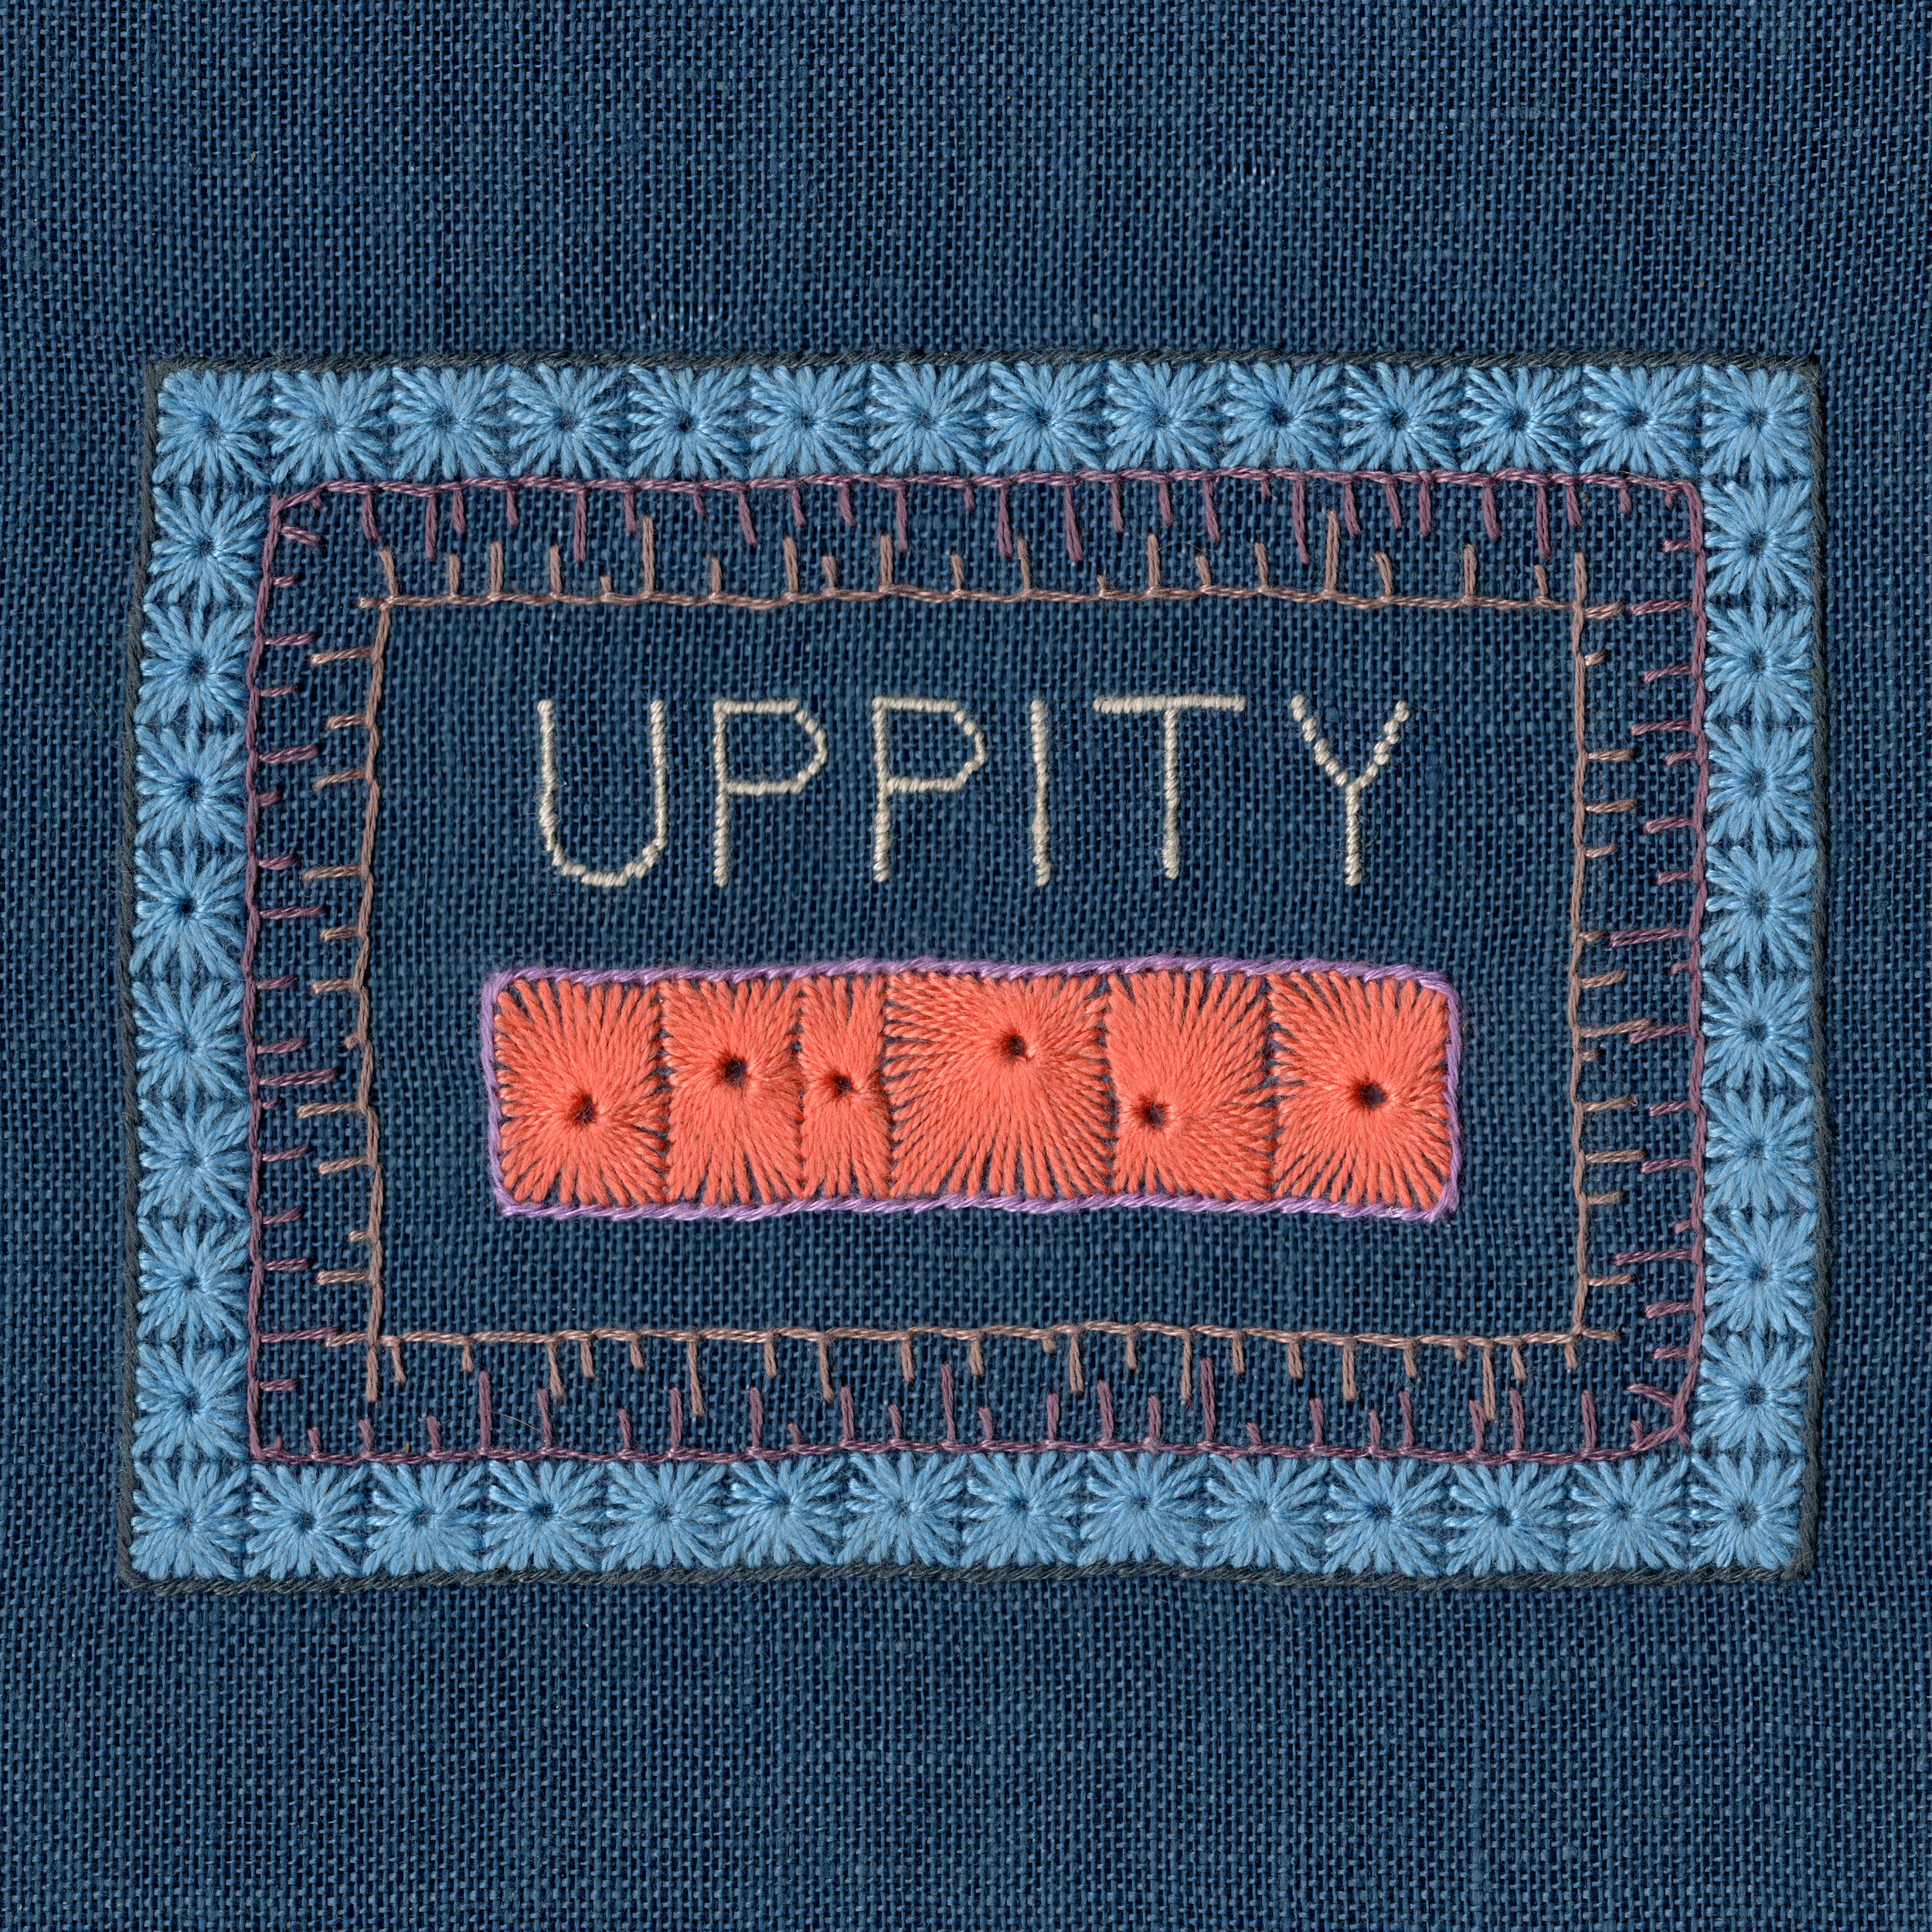 Uppity (2011)